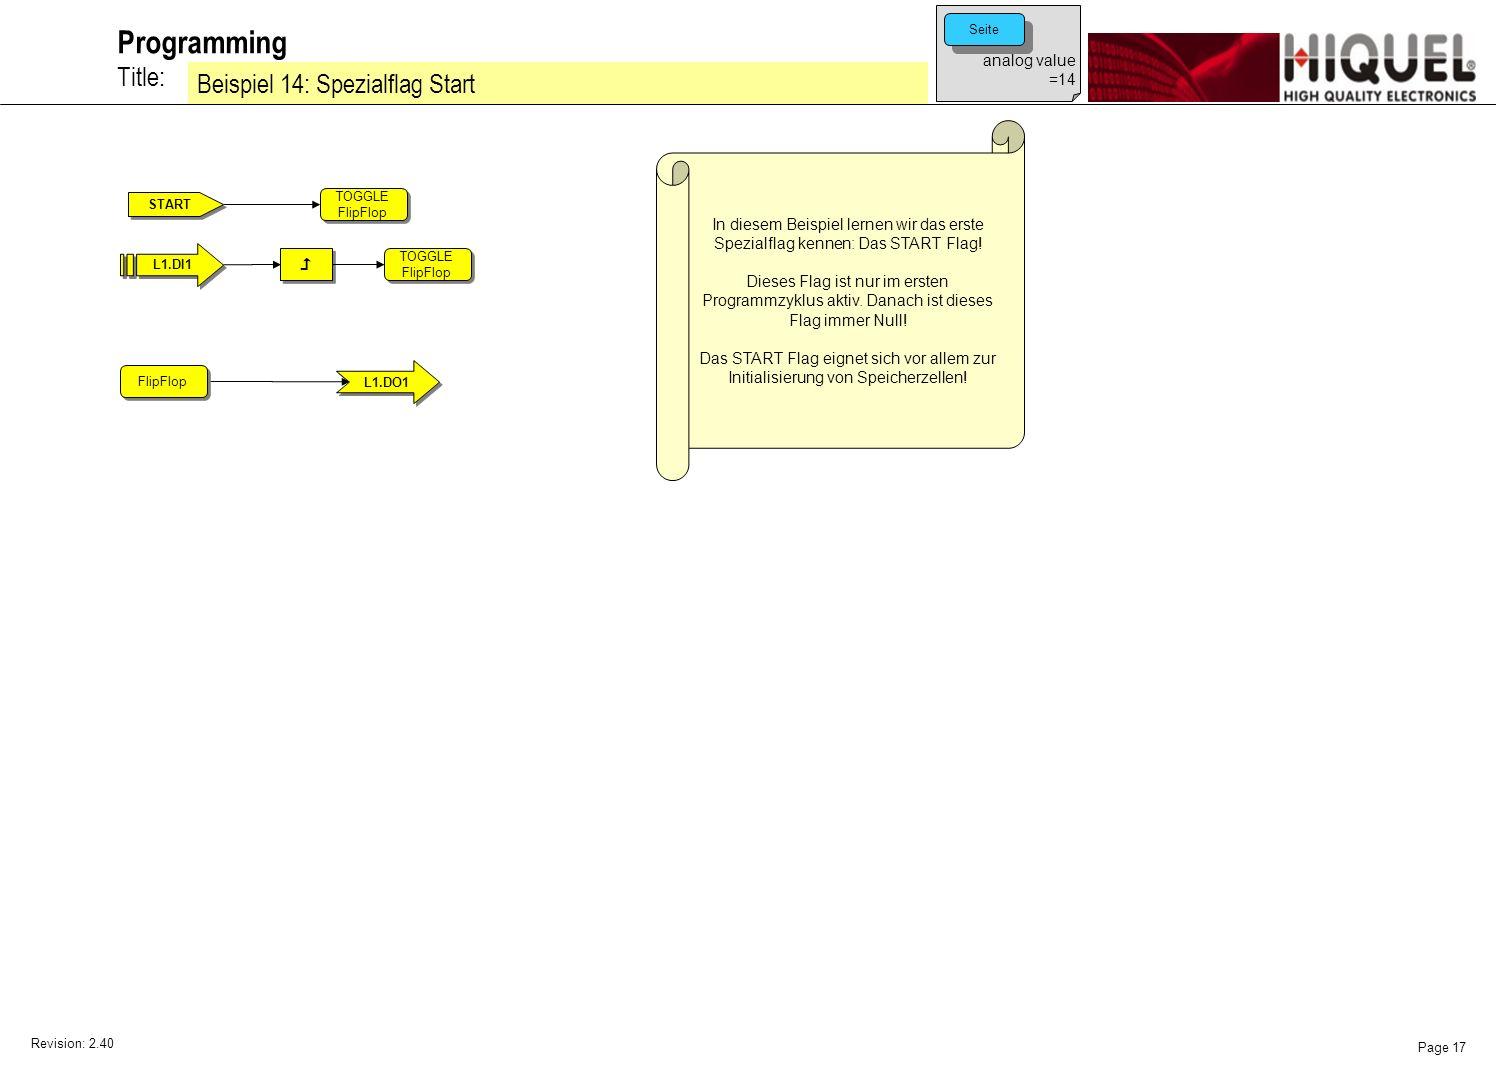 Revision: 2.40 Page 17 Title: Programming Beispiel 14: Spezialflag Start In diesem Beispiel lernen wir das erste Spezialflag kennen: Das START Flag.